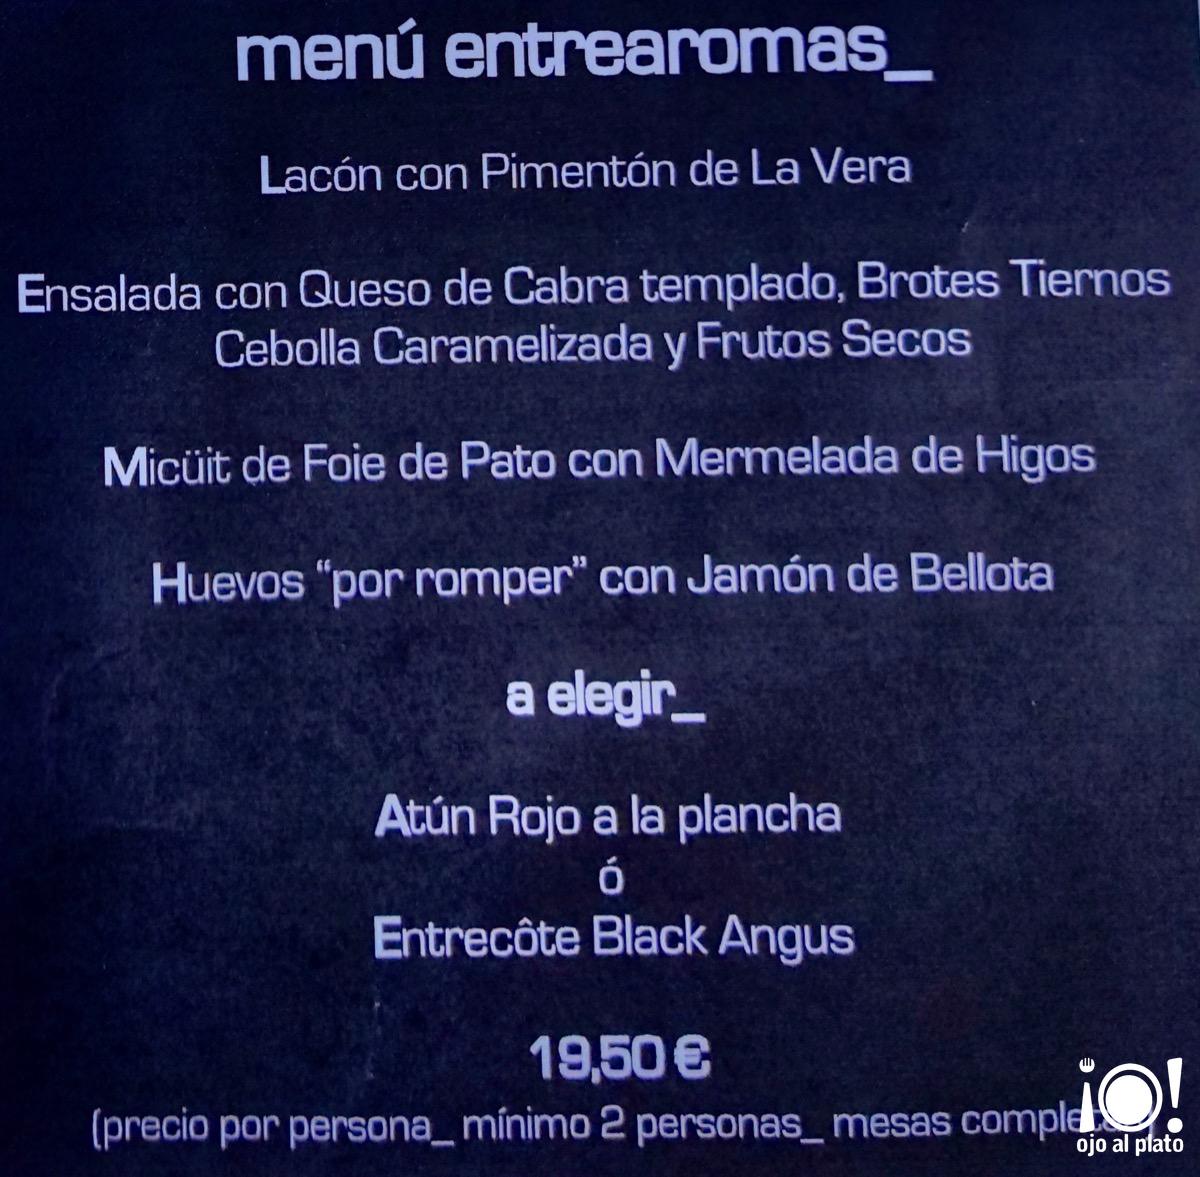 01_menu_entrearomas